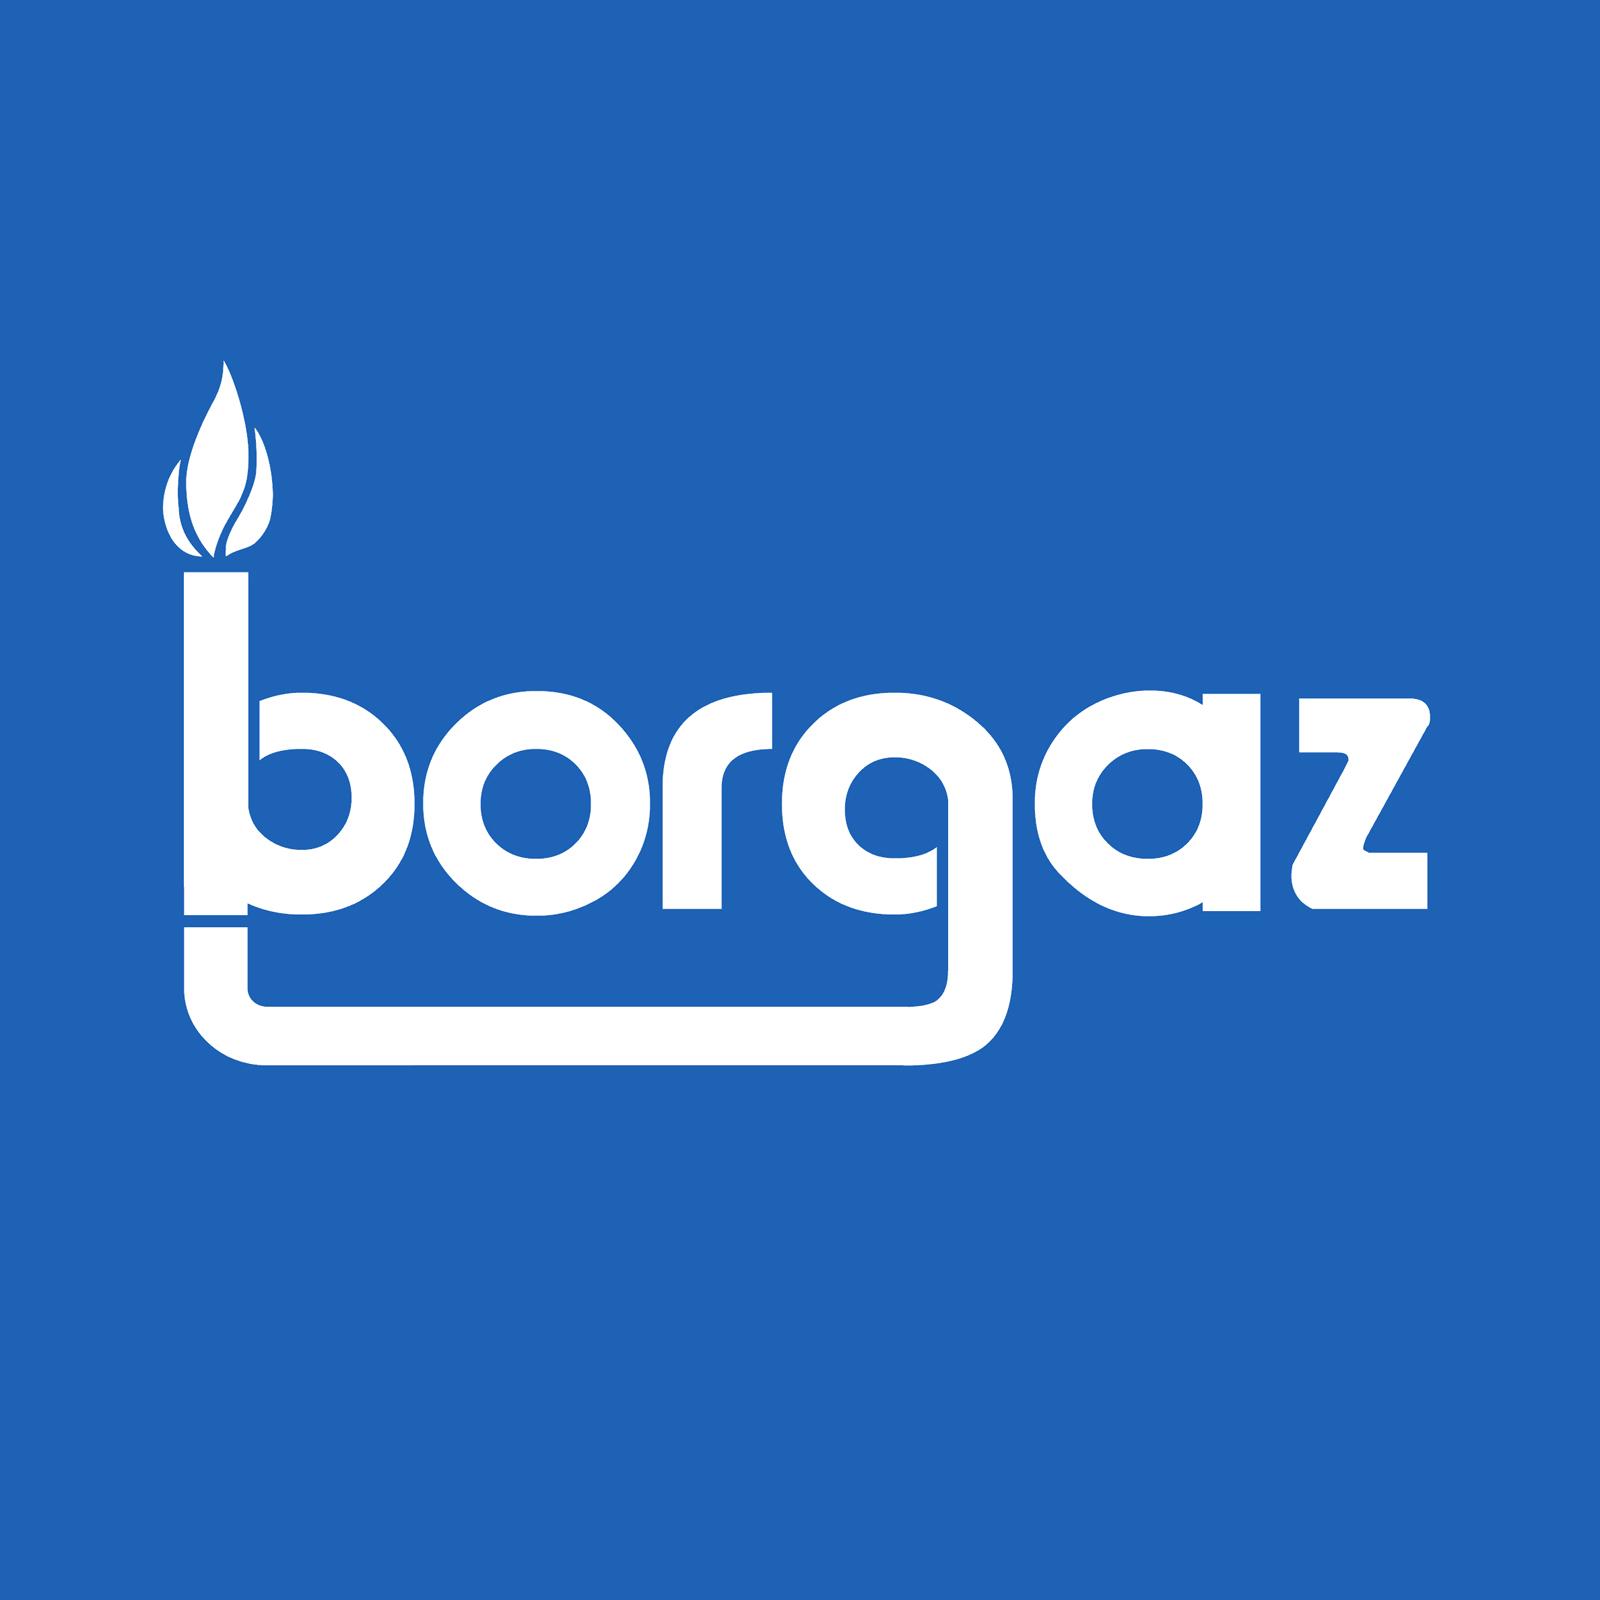 Logo dla firmy BorgazSerwis. Grafika, logo, logotyp, identyfikacja wizualna